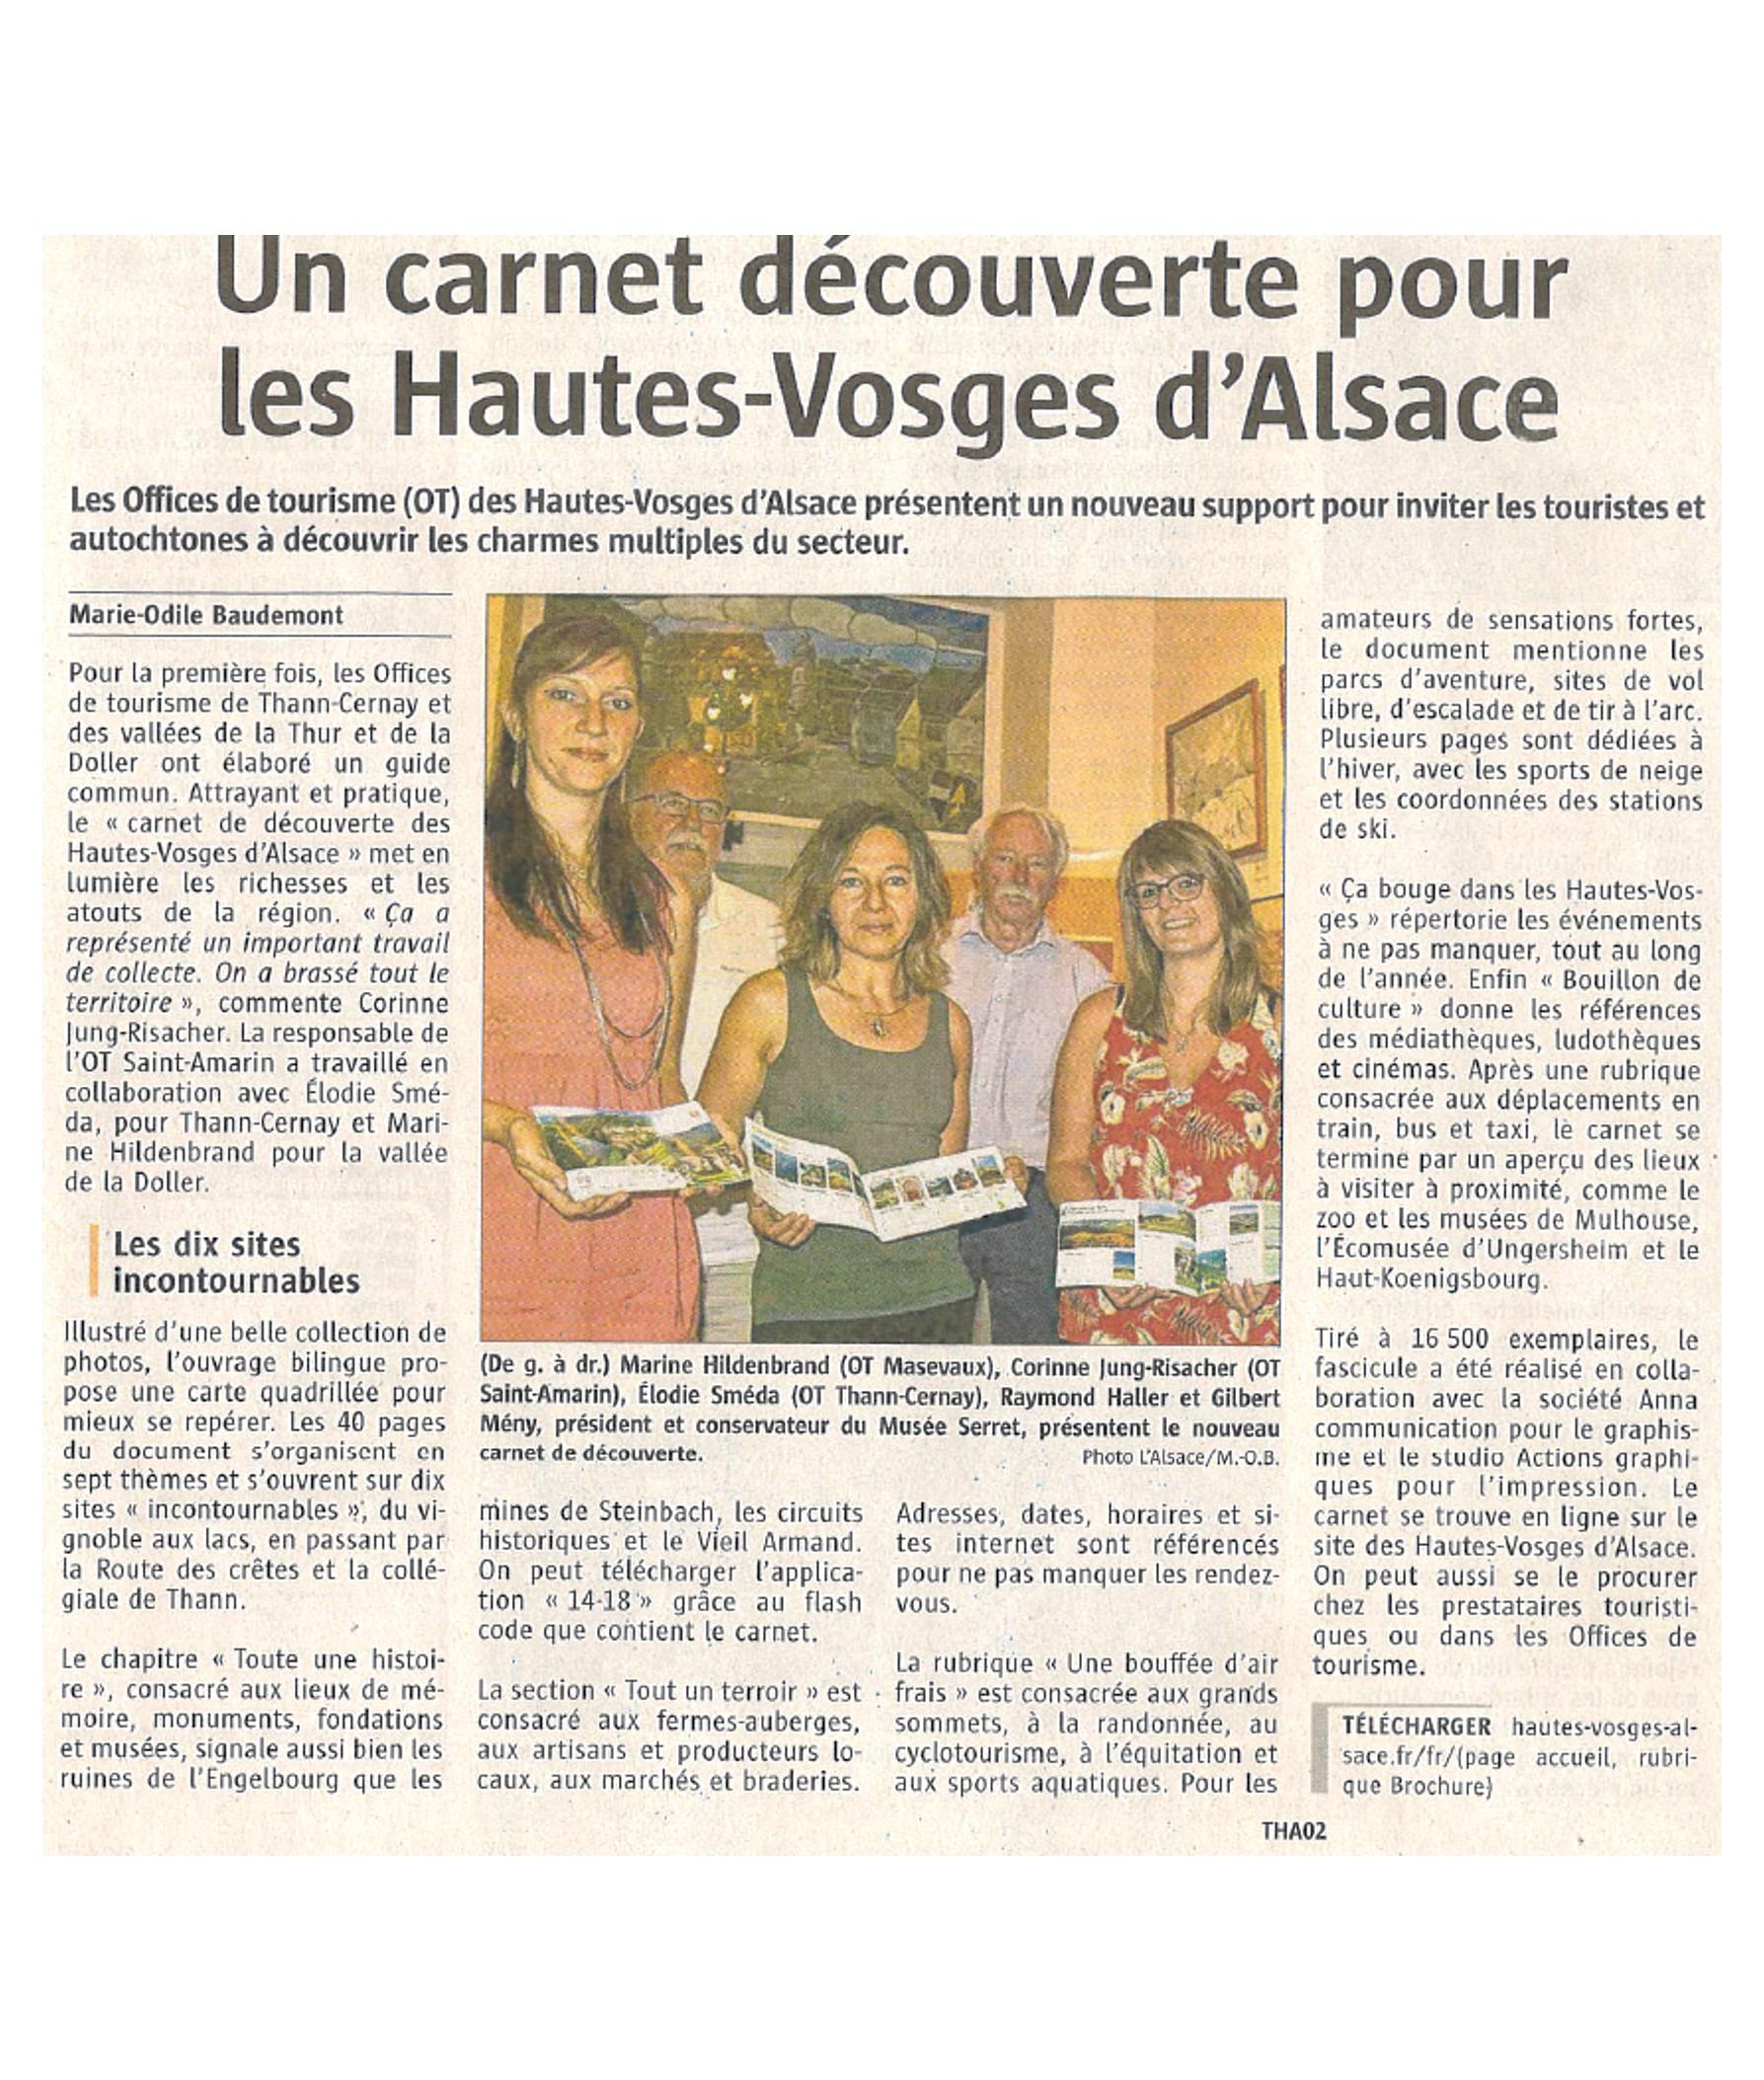 Un carnet découverte pour les Hautes-Vosges d'Alsace - L'Alsace - 29-06-2017